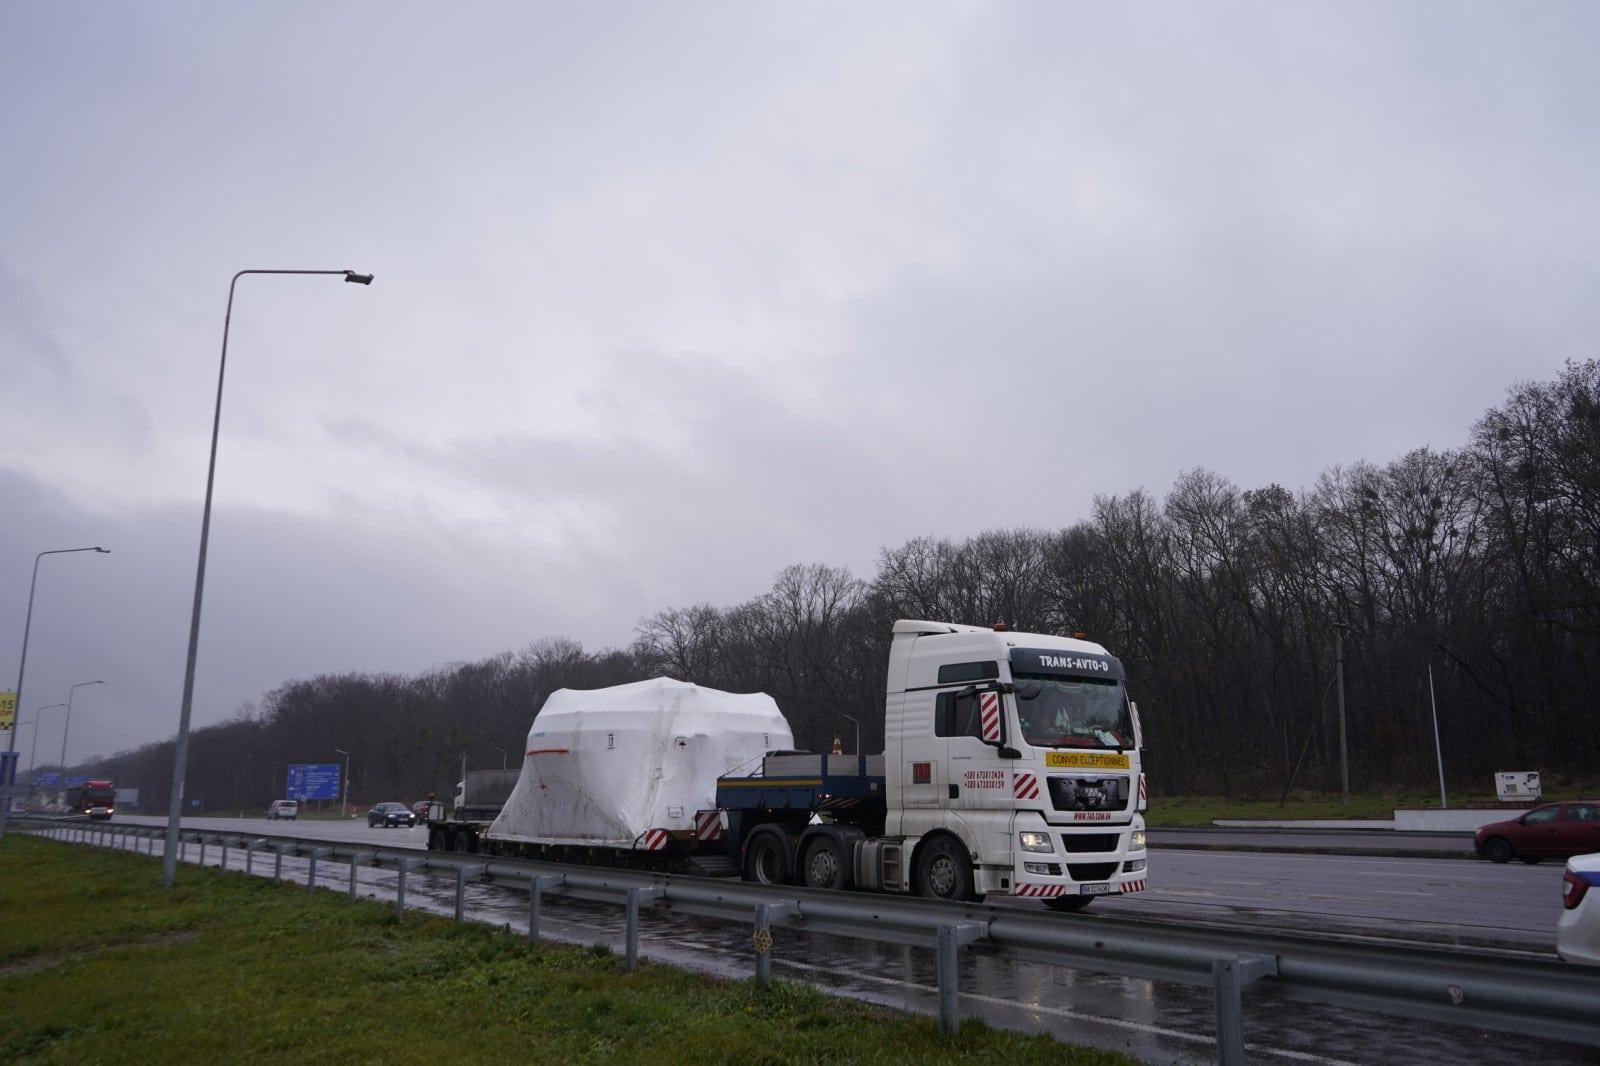 Перевезення промислового обладнання. Параметри вантажу: 9х5,50х4,00